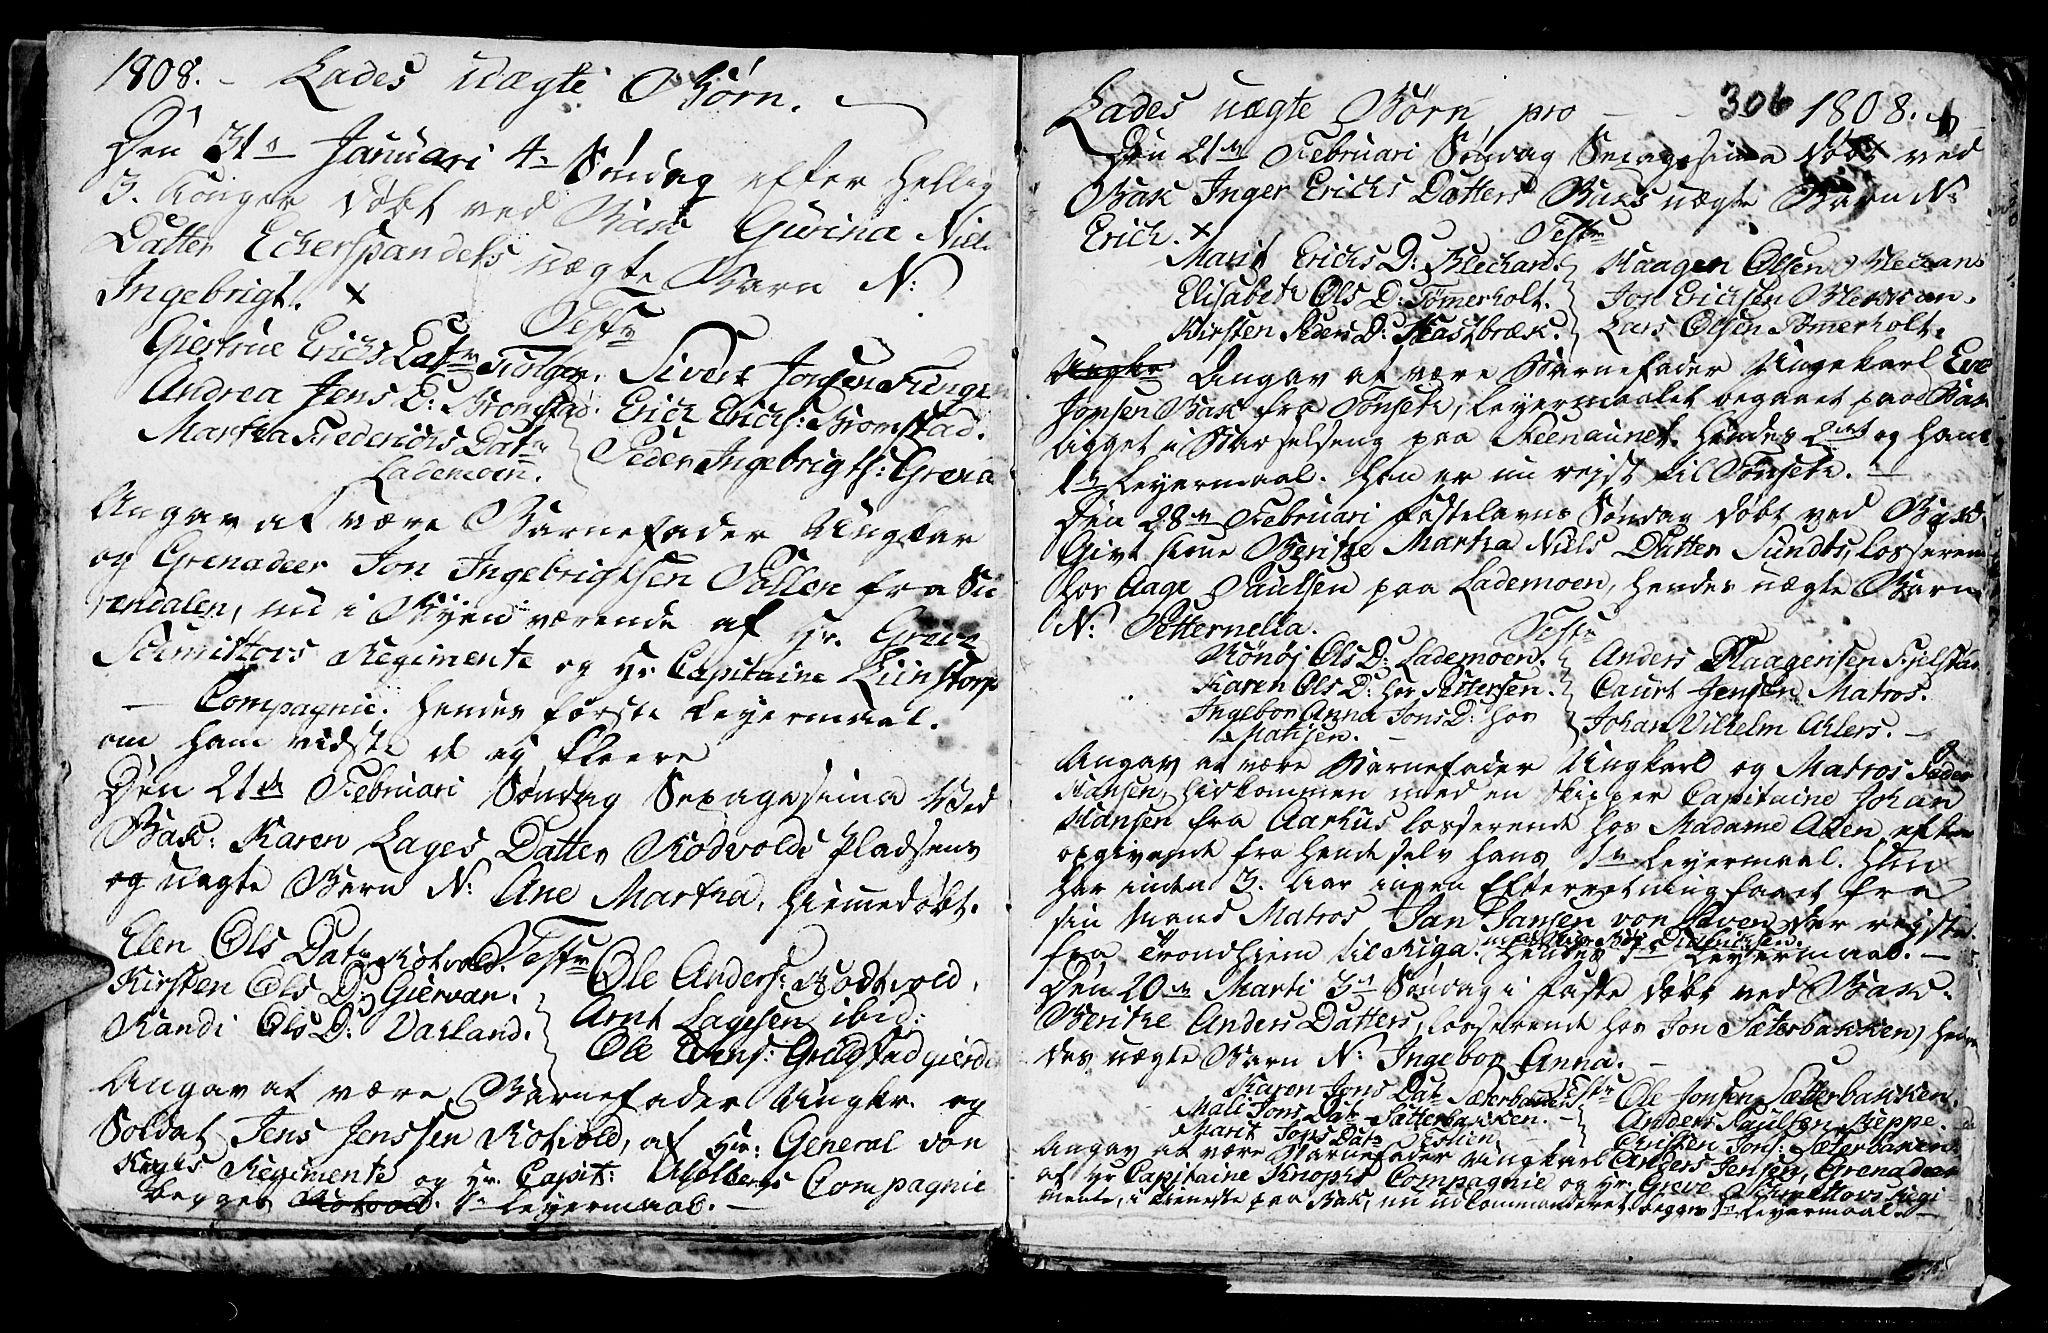 SAT, Ministerialprotokoller, klokkerbøker og fødselsregistre - Sør-Trøndelag, 606/L0305: Klokkerbok nr. 606C01, 1757-1819, s. 306